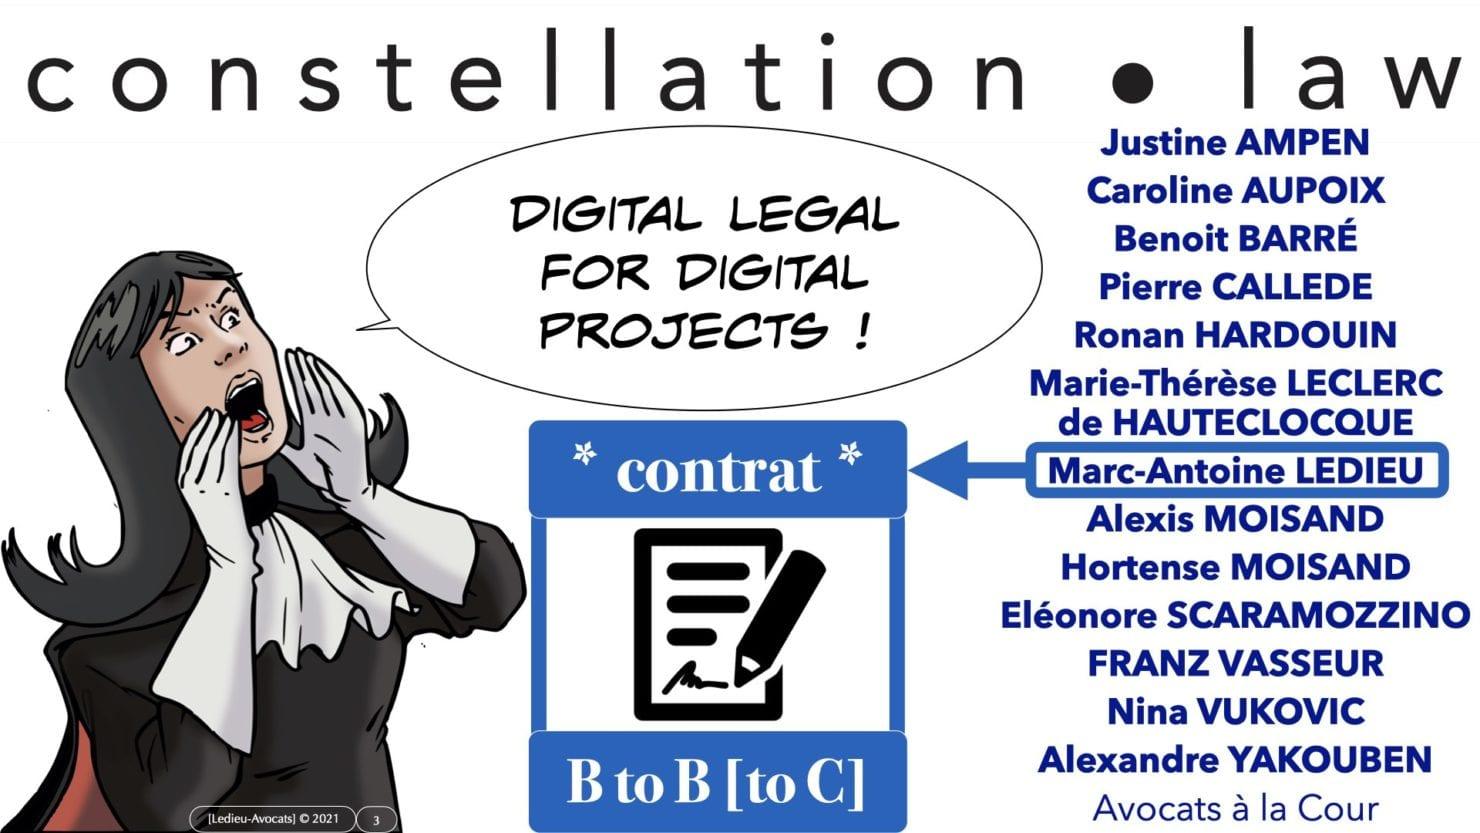 332 ALGORITHME PROTOCOLE protection innovation numérique ©Ledieu-Avocats 19-05-2021.003